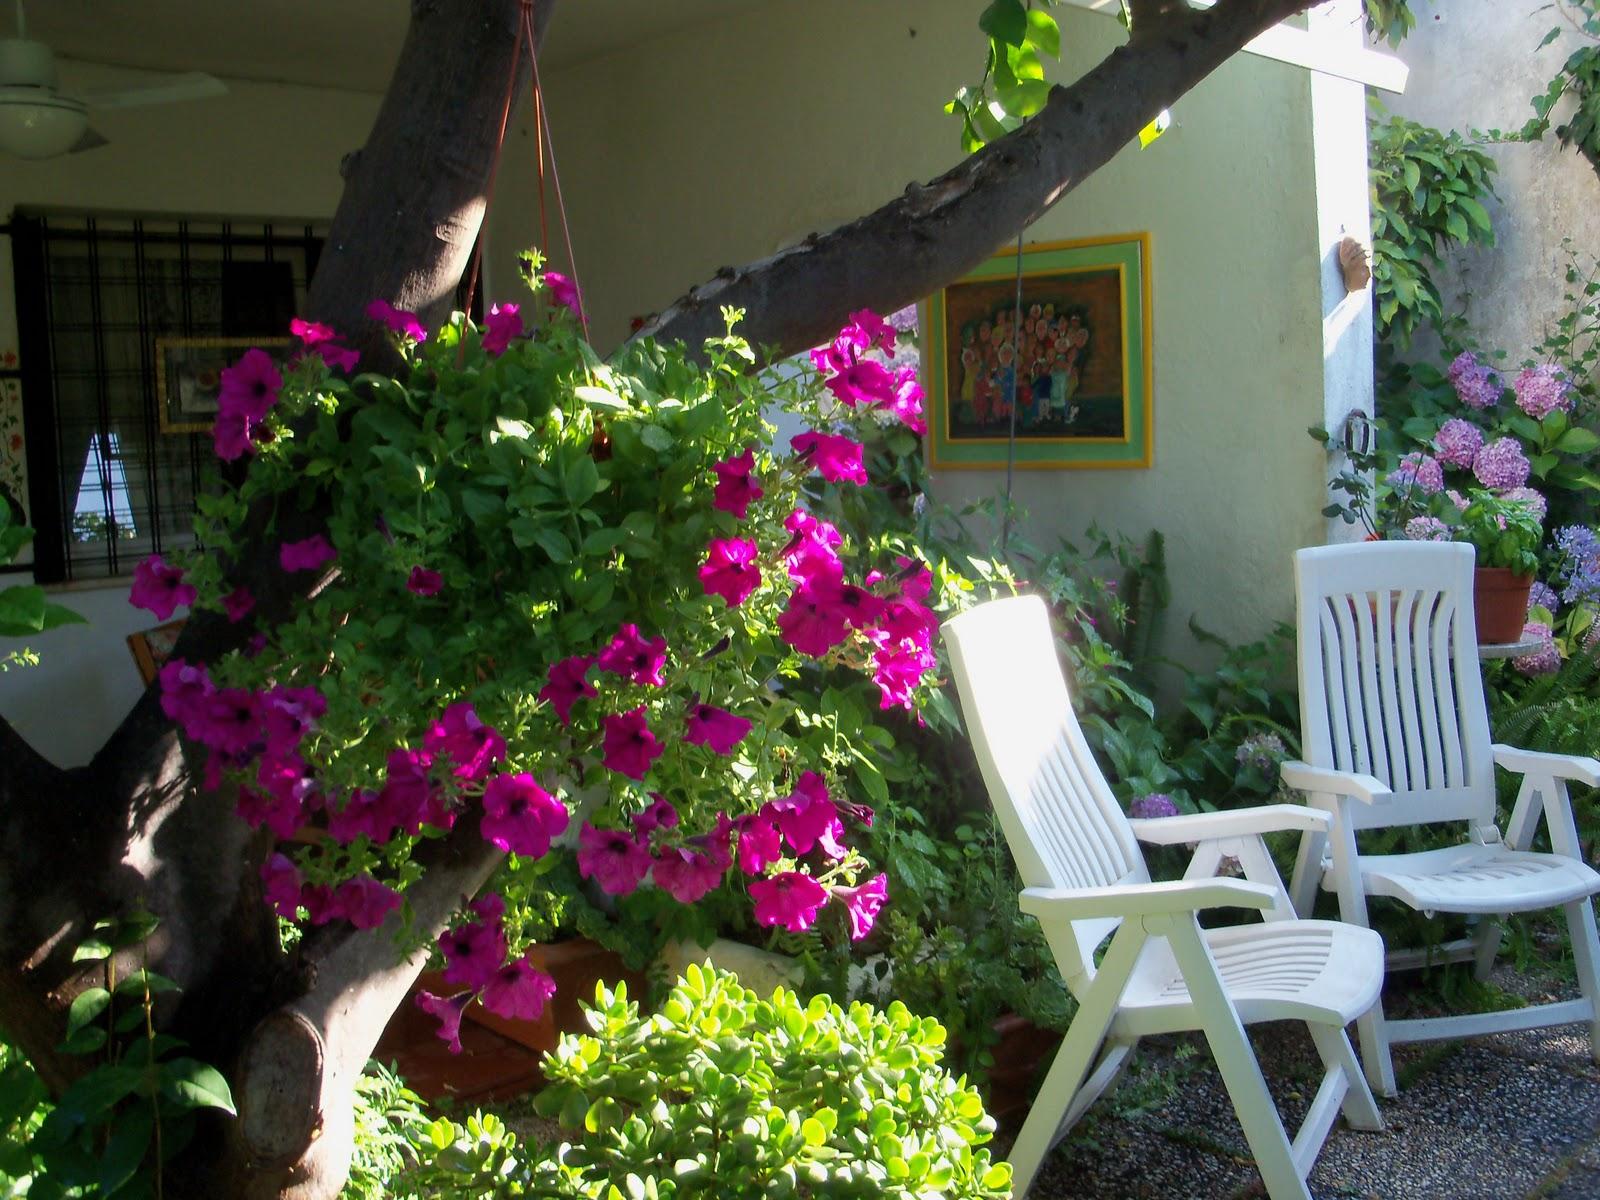 Fantasia tunni il mio giardino fiorito for Giardino fiorito